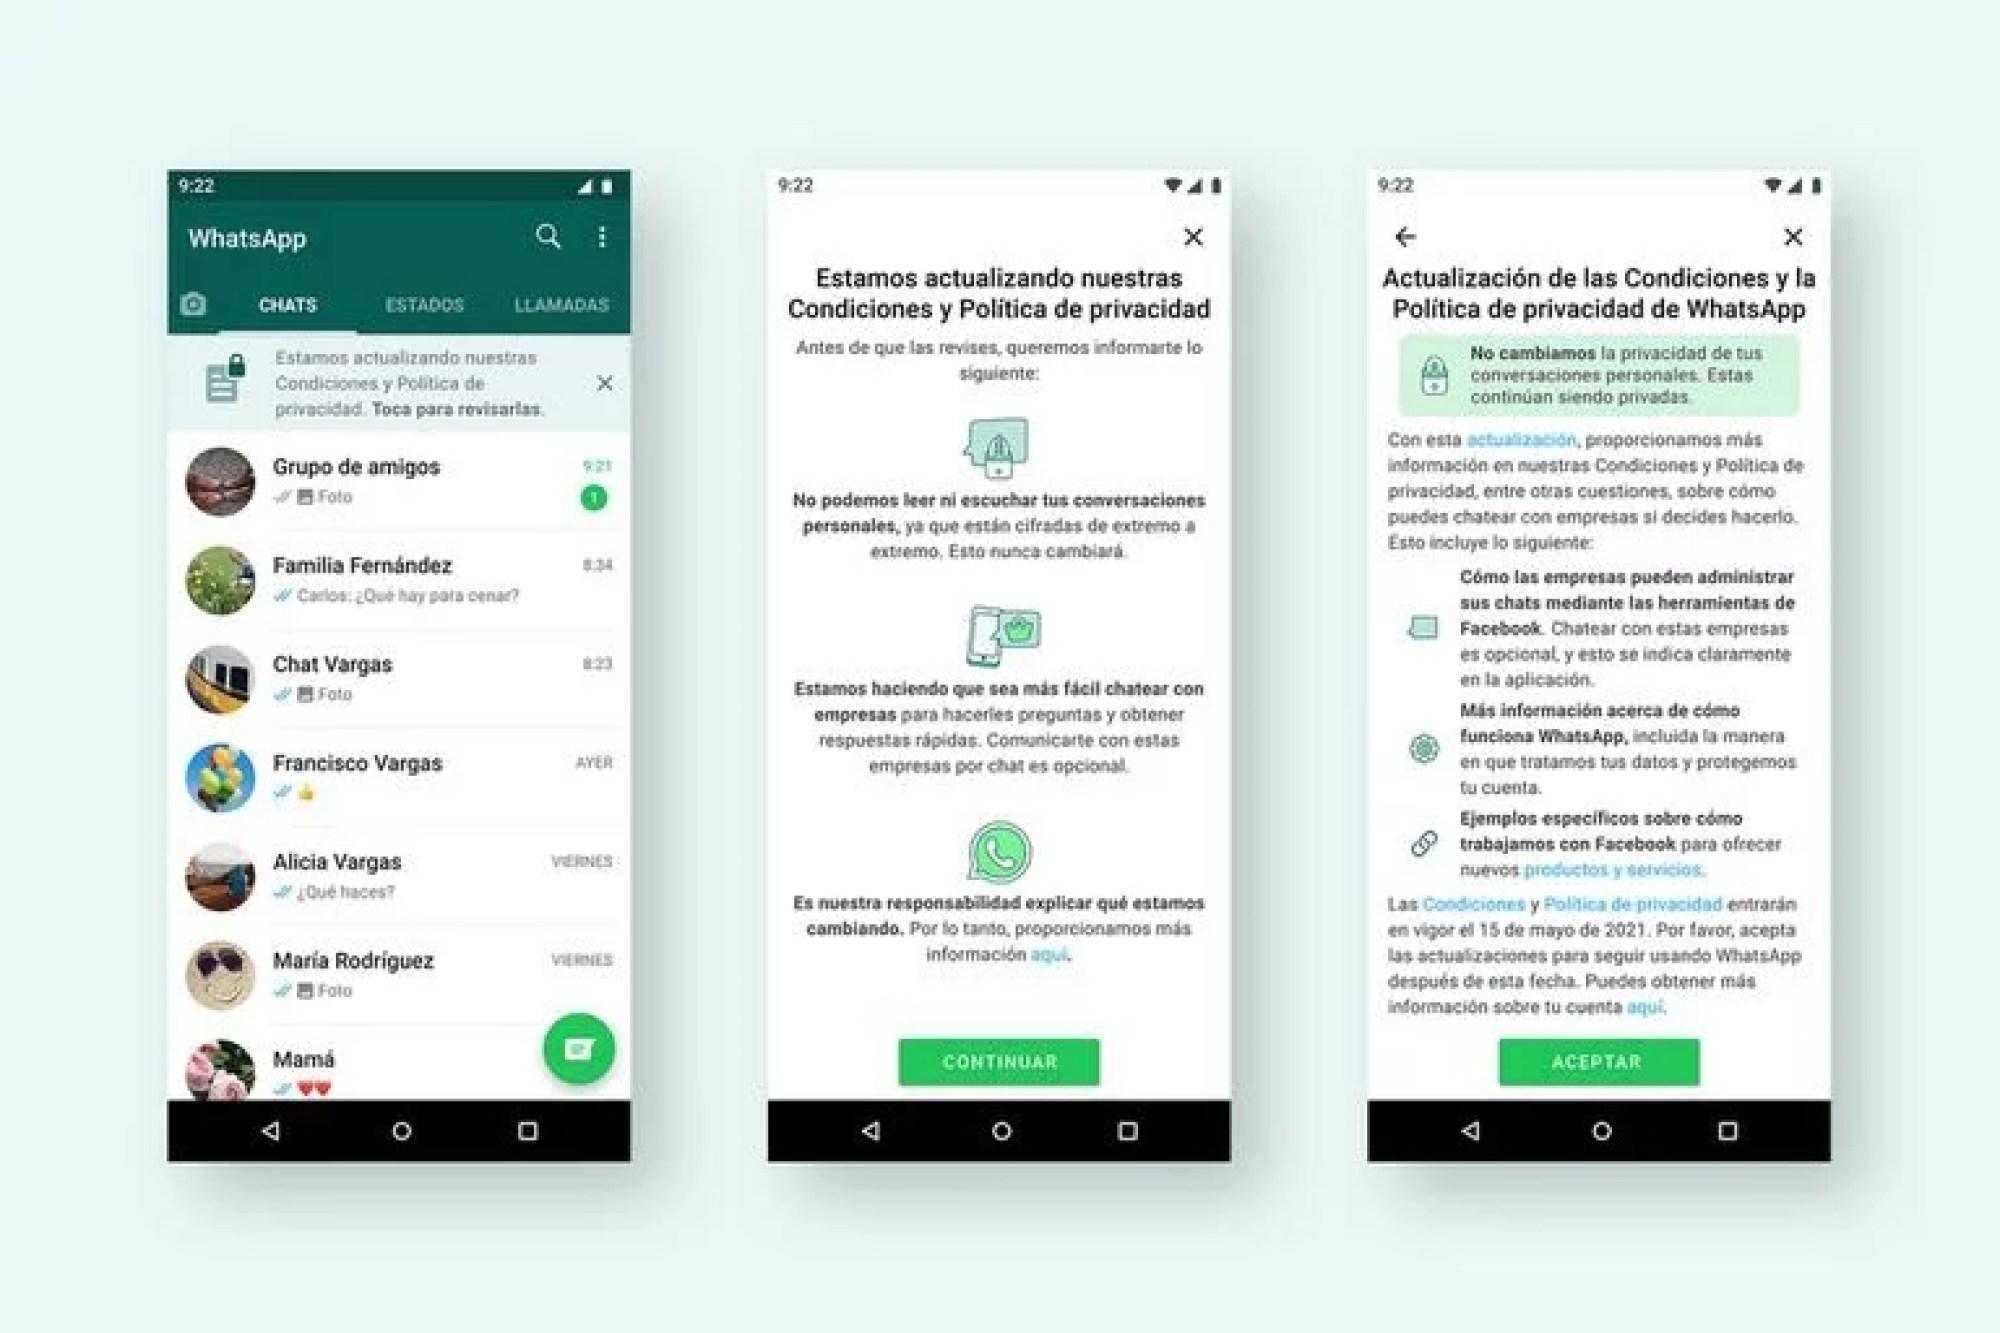 Algunas de las pantallas que mostrará WhatsApp durante la próxima semana para que los usuarios acepten las nuevas condiciones de uso del servicio de mensajería móvil